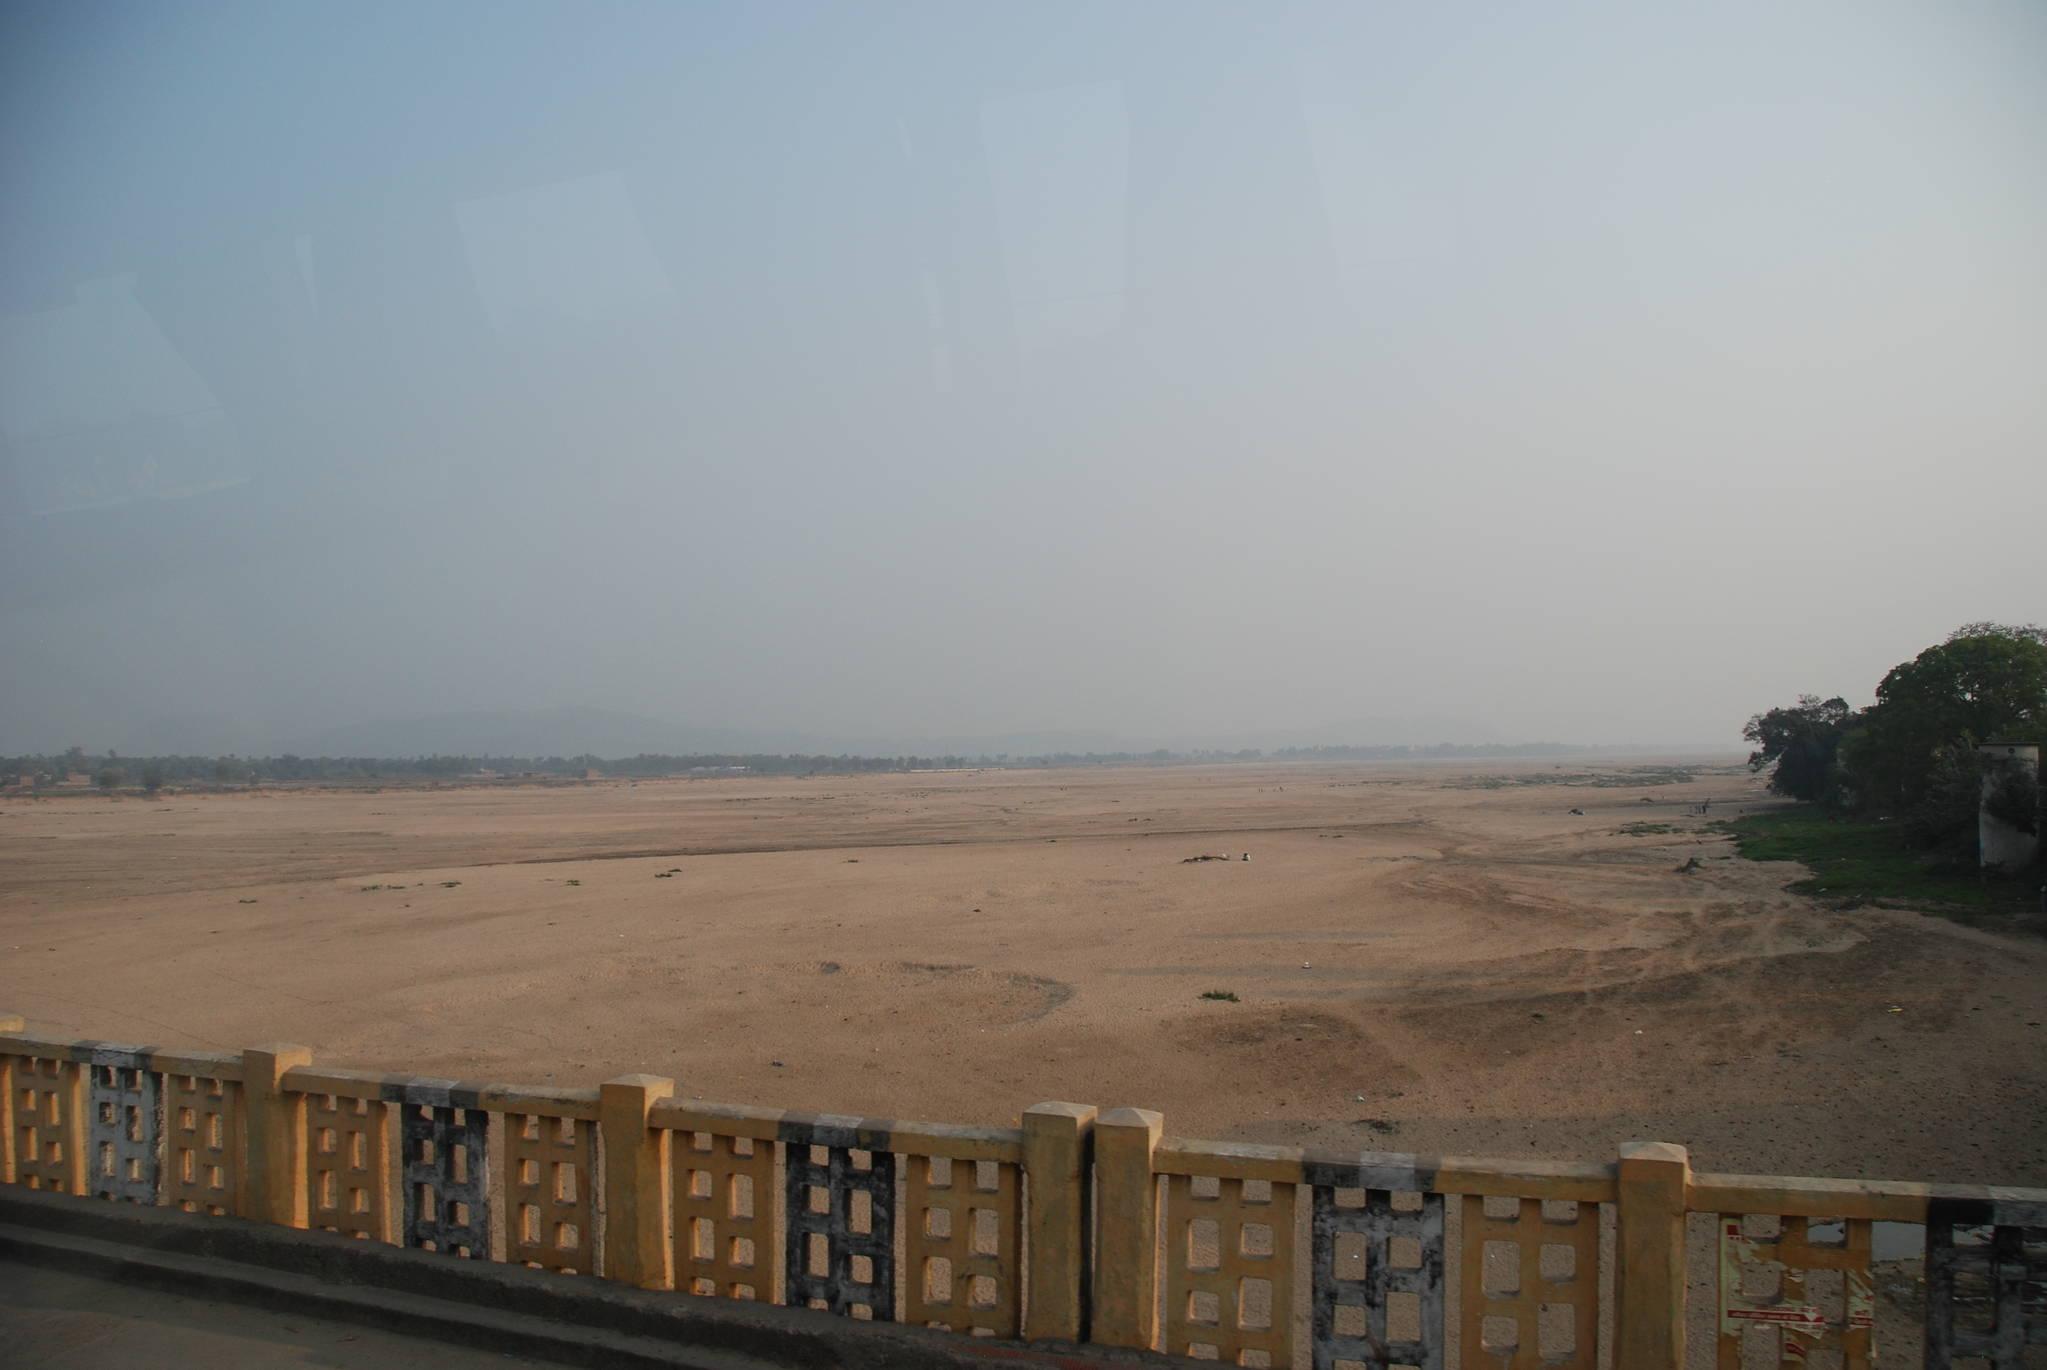 네란자라 강의 강폭은 무척 넓었다. 2600년 전 싯다르타 당시에도 상당히 큰 강이었지 싶다. 백성호 기자